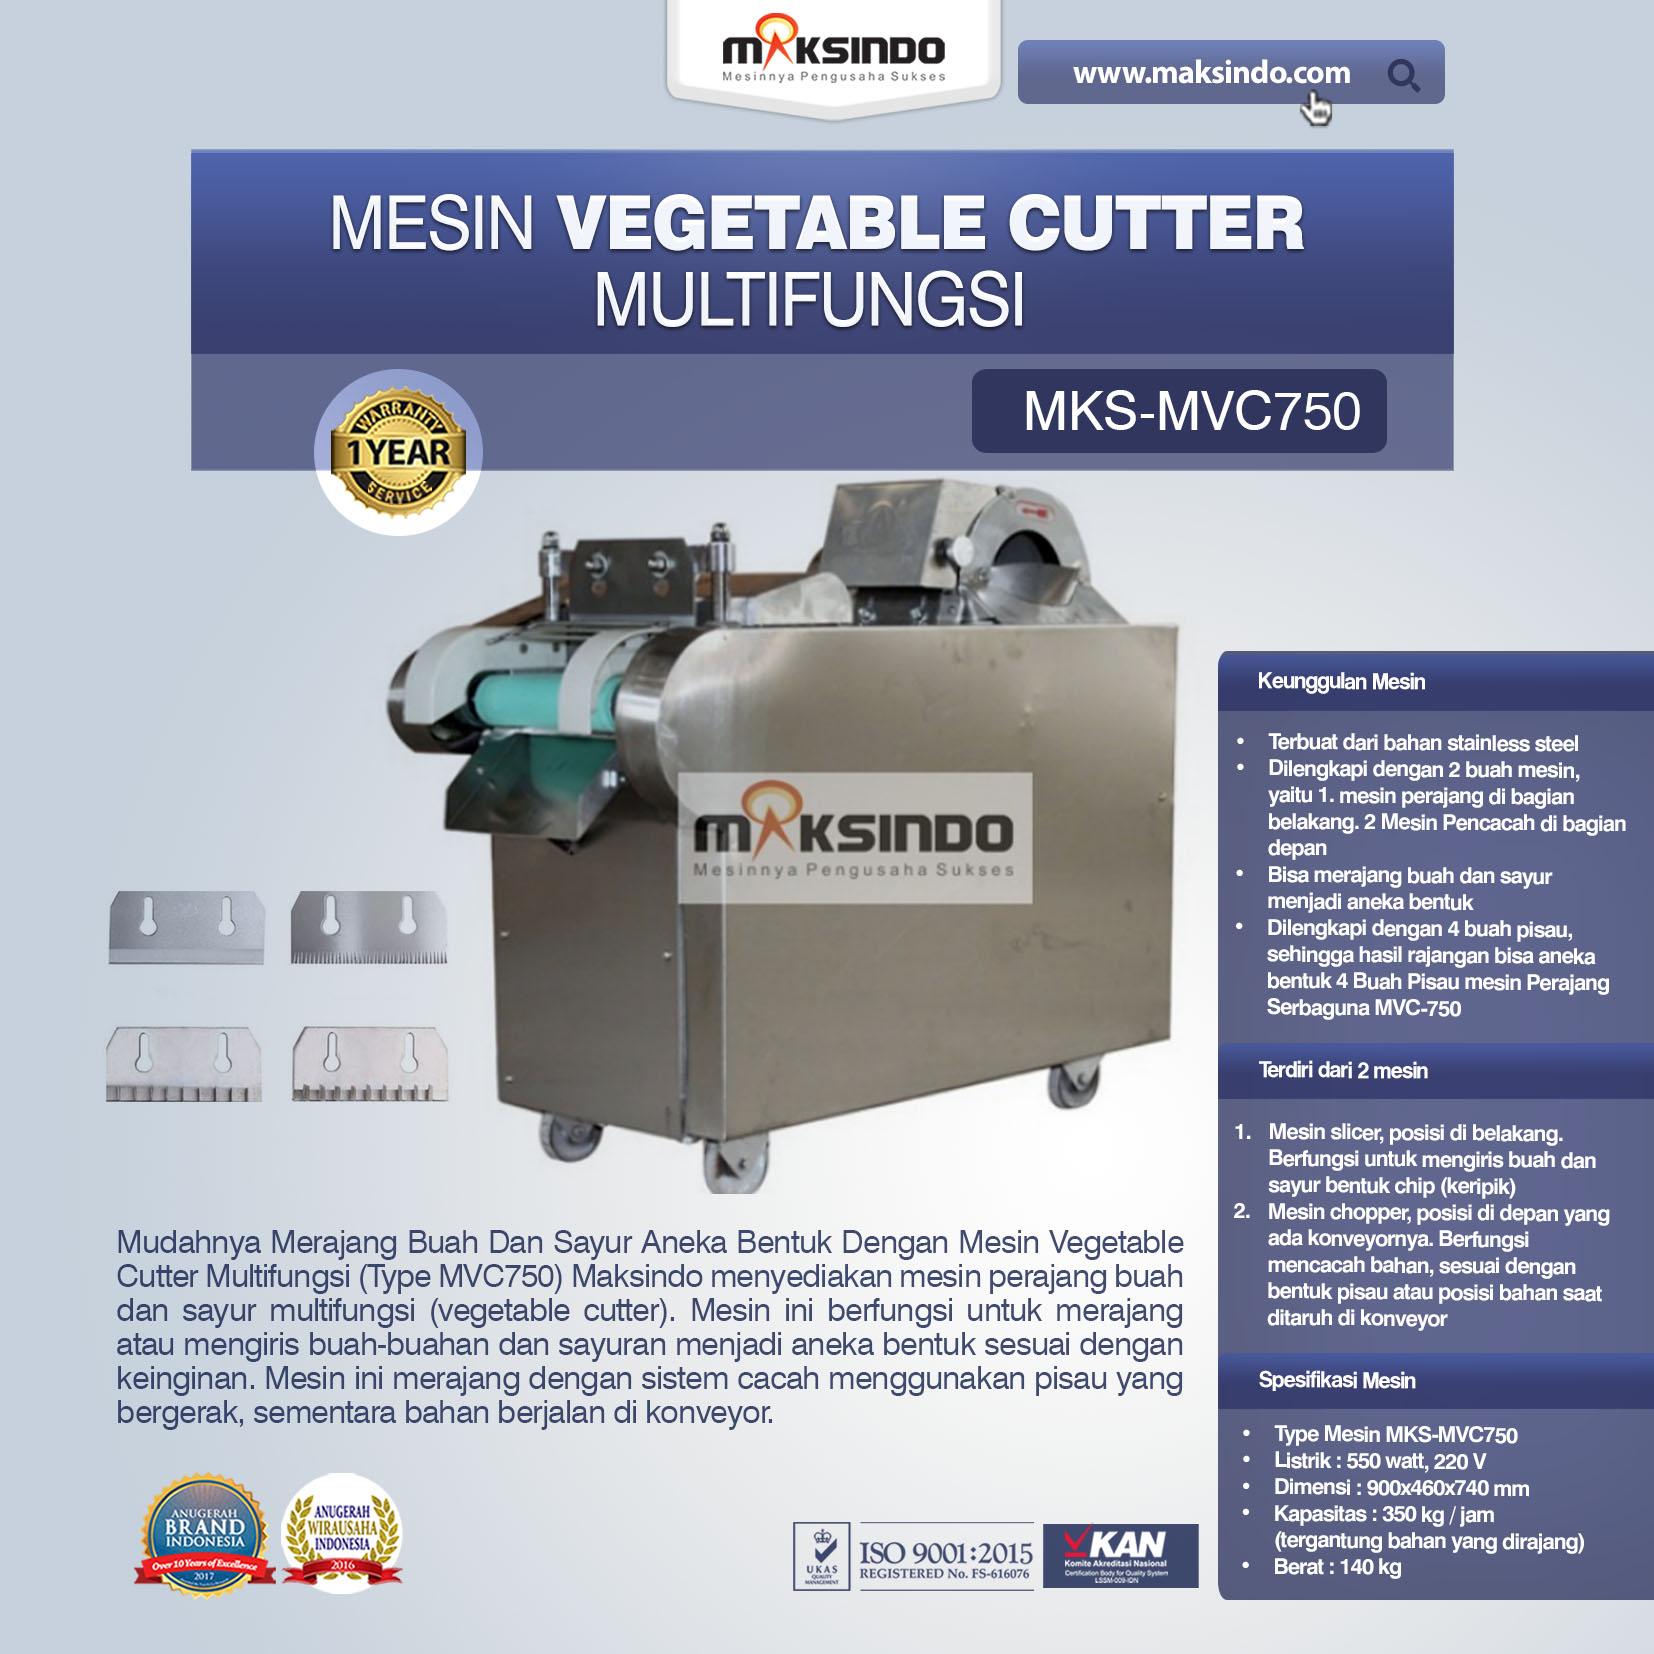 Jual Mesin Vegetable Cutter Multifungsi (Type MVC750) di Malang